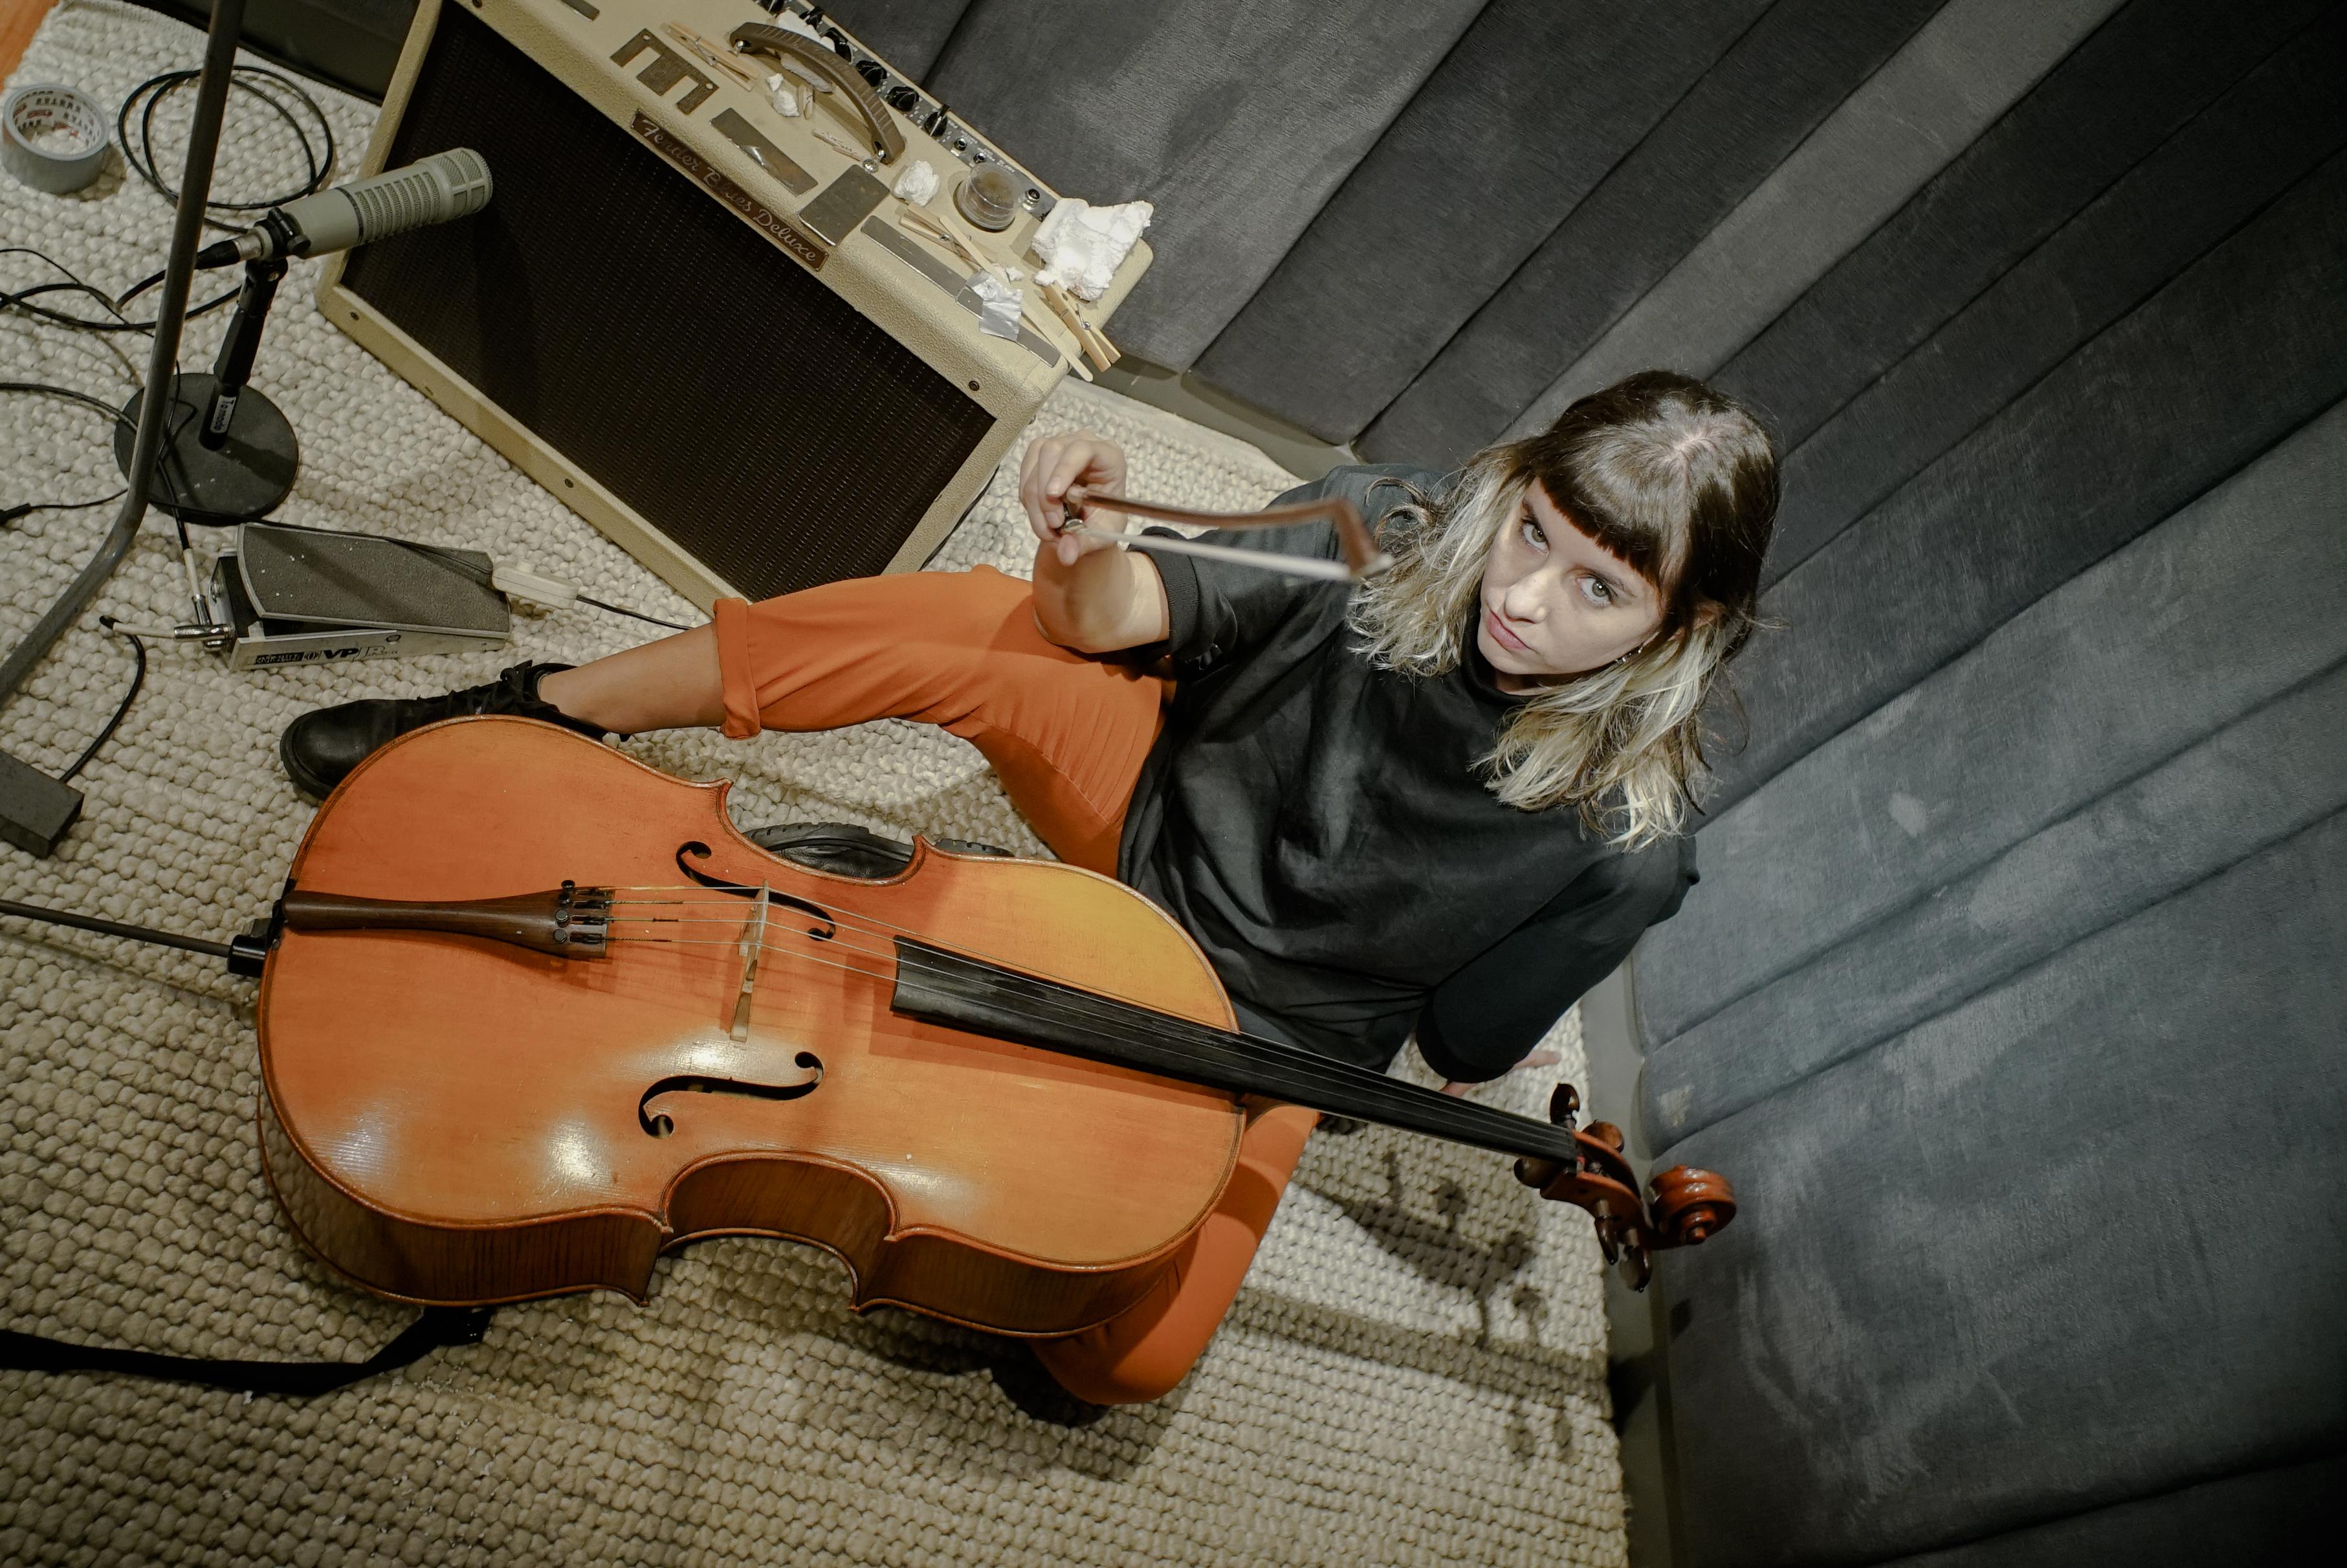 A violoncelista e compositora argentina Violeta García culmina sua residência Konvent Zero em Barcelona, Espanha